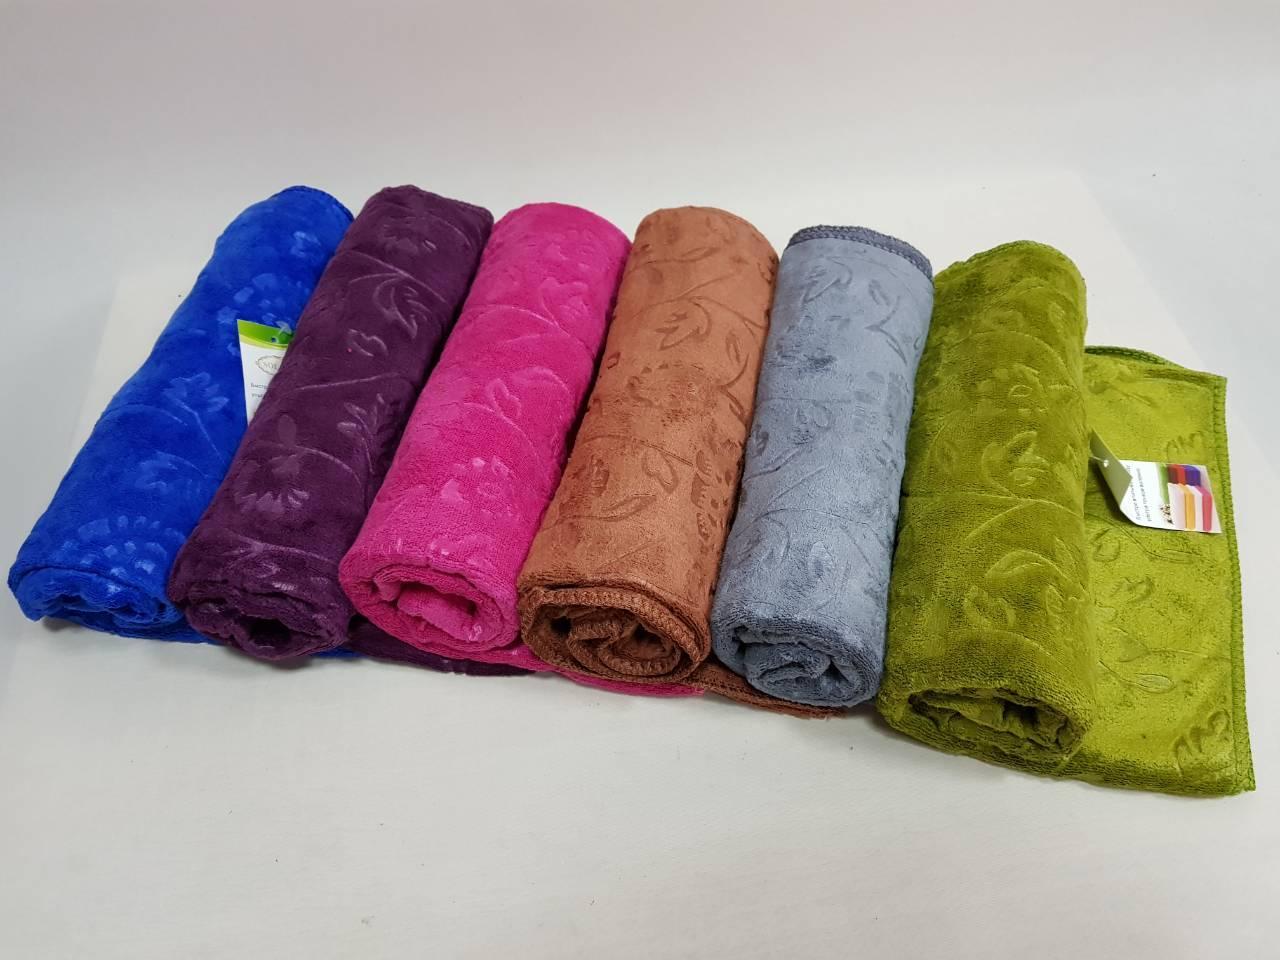 Полотенце банное микрофибра 140х70. В упаковке 6шт разного цвета.